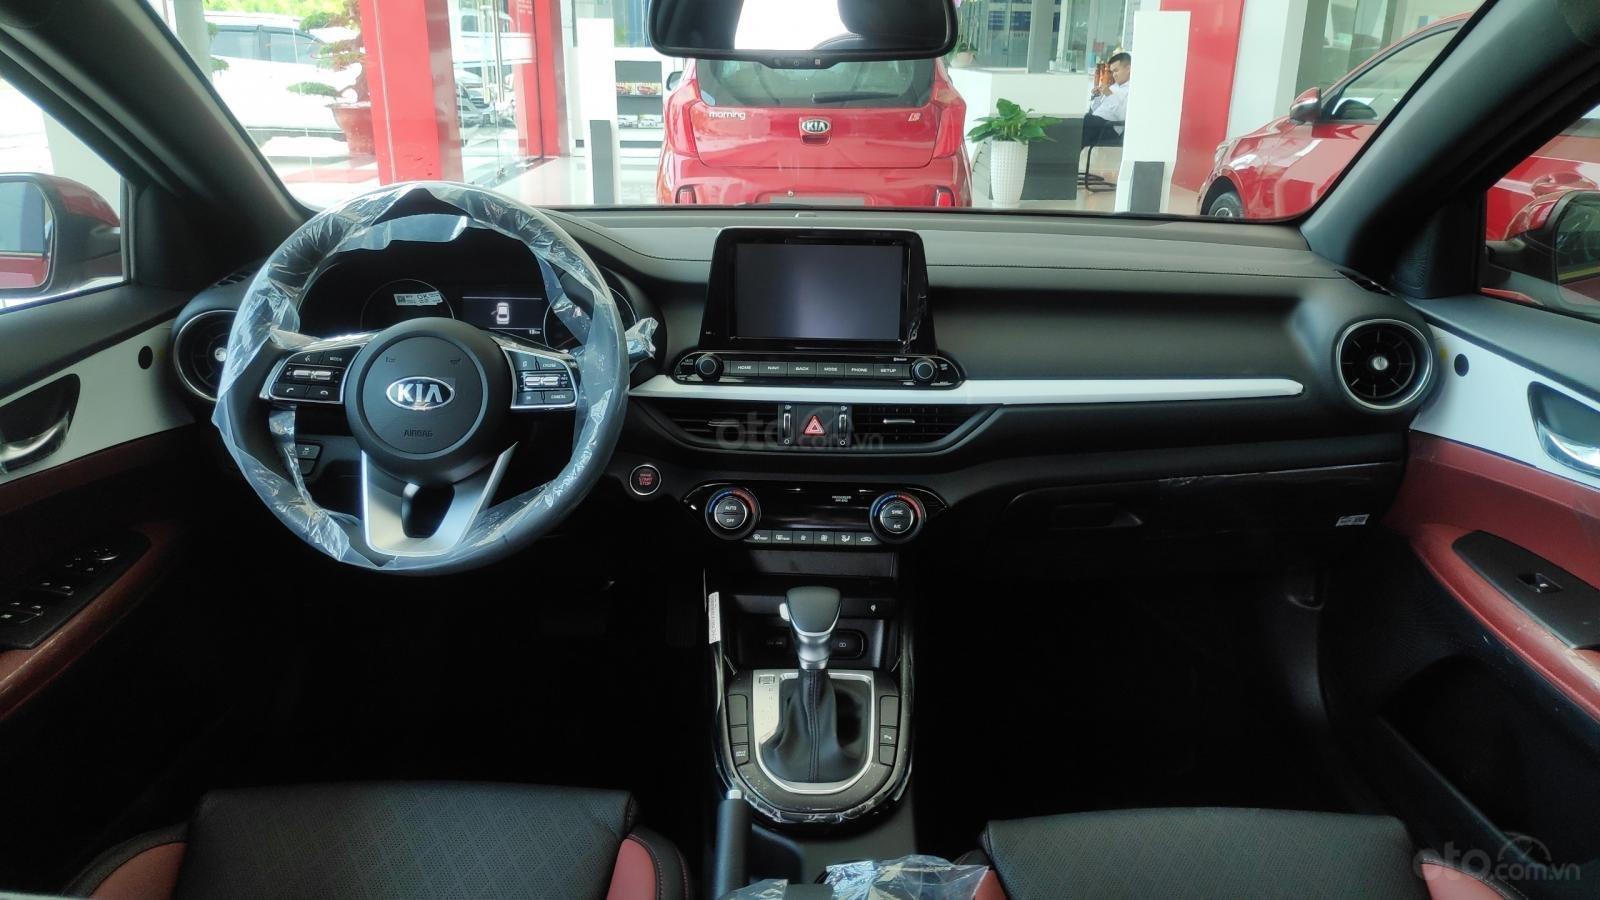 Kia Cerato Premium đặc biệt - giảm giá tiền mặt + tặng bảo hiểm xe + phụ kiện - liên hệ PKD Kia Thảo Điền 0961.563.593 (8)